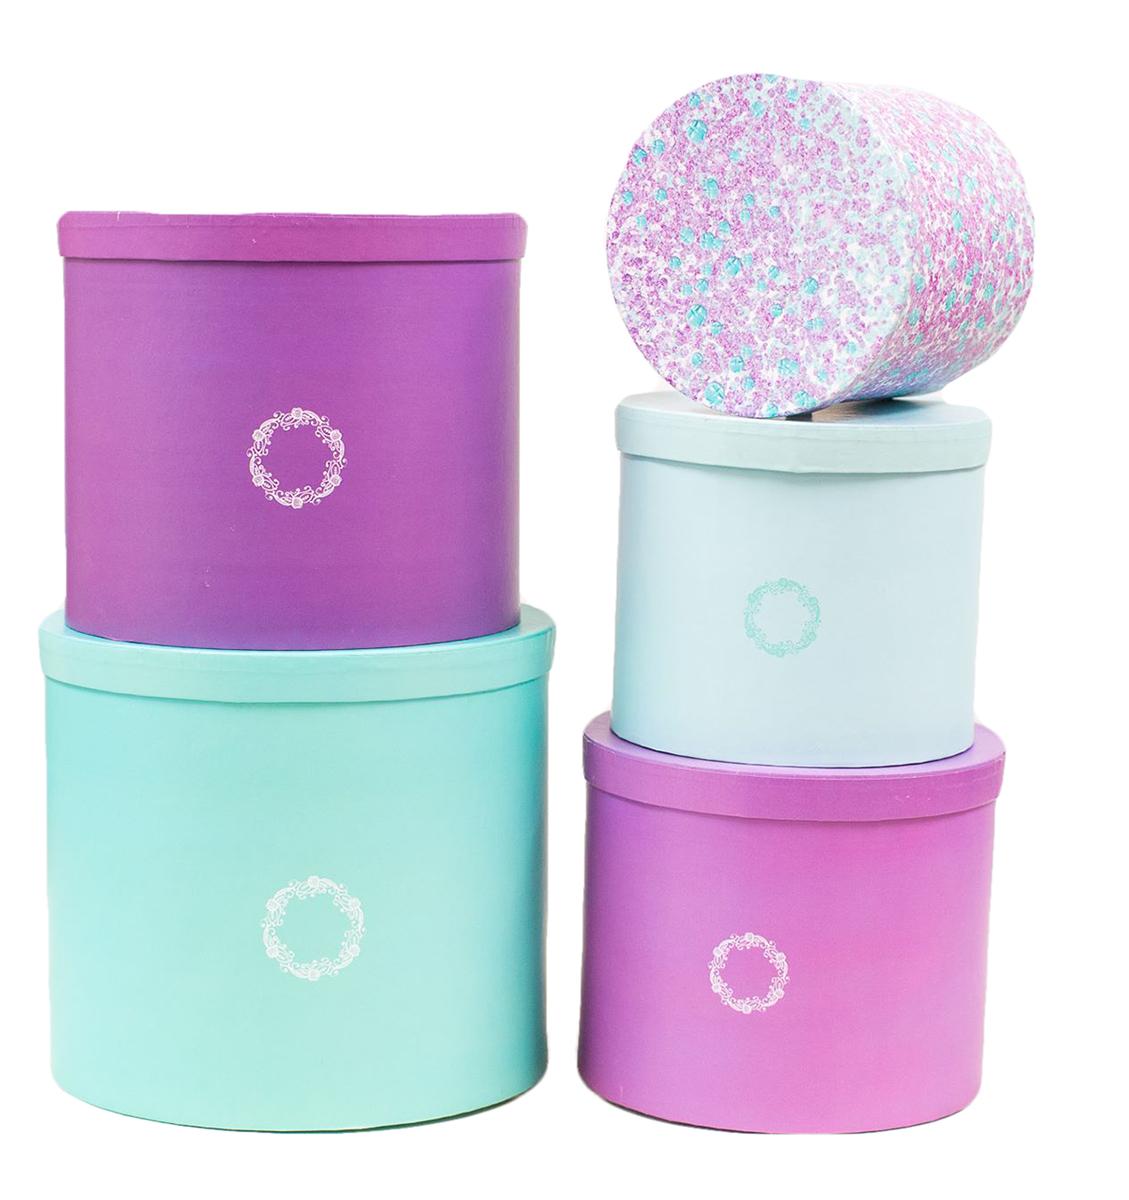 Набор коробок Дарите Счастье  5 в 1 Оттенки чуда , круг -  Подарочная упаковка